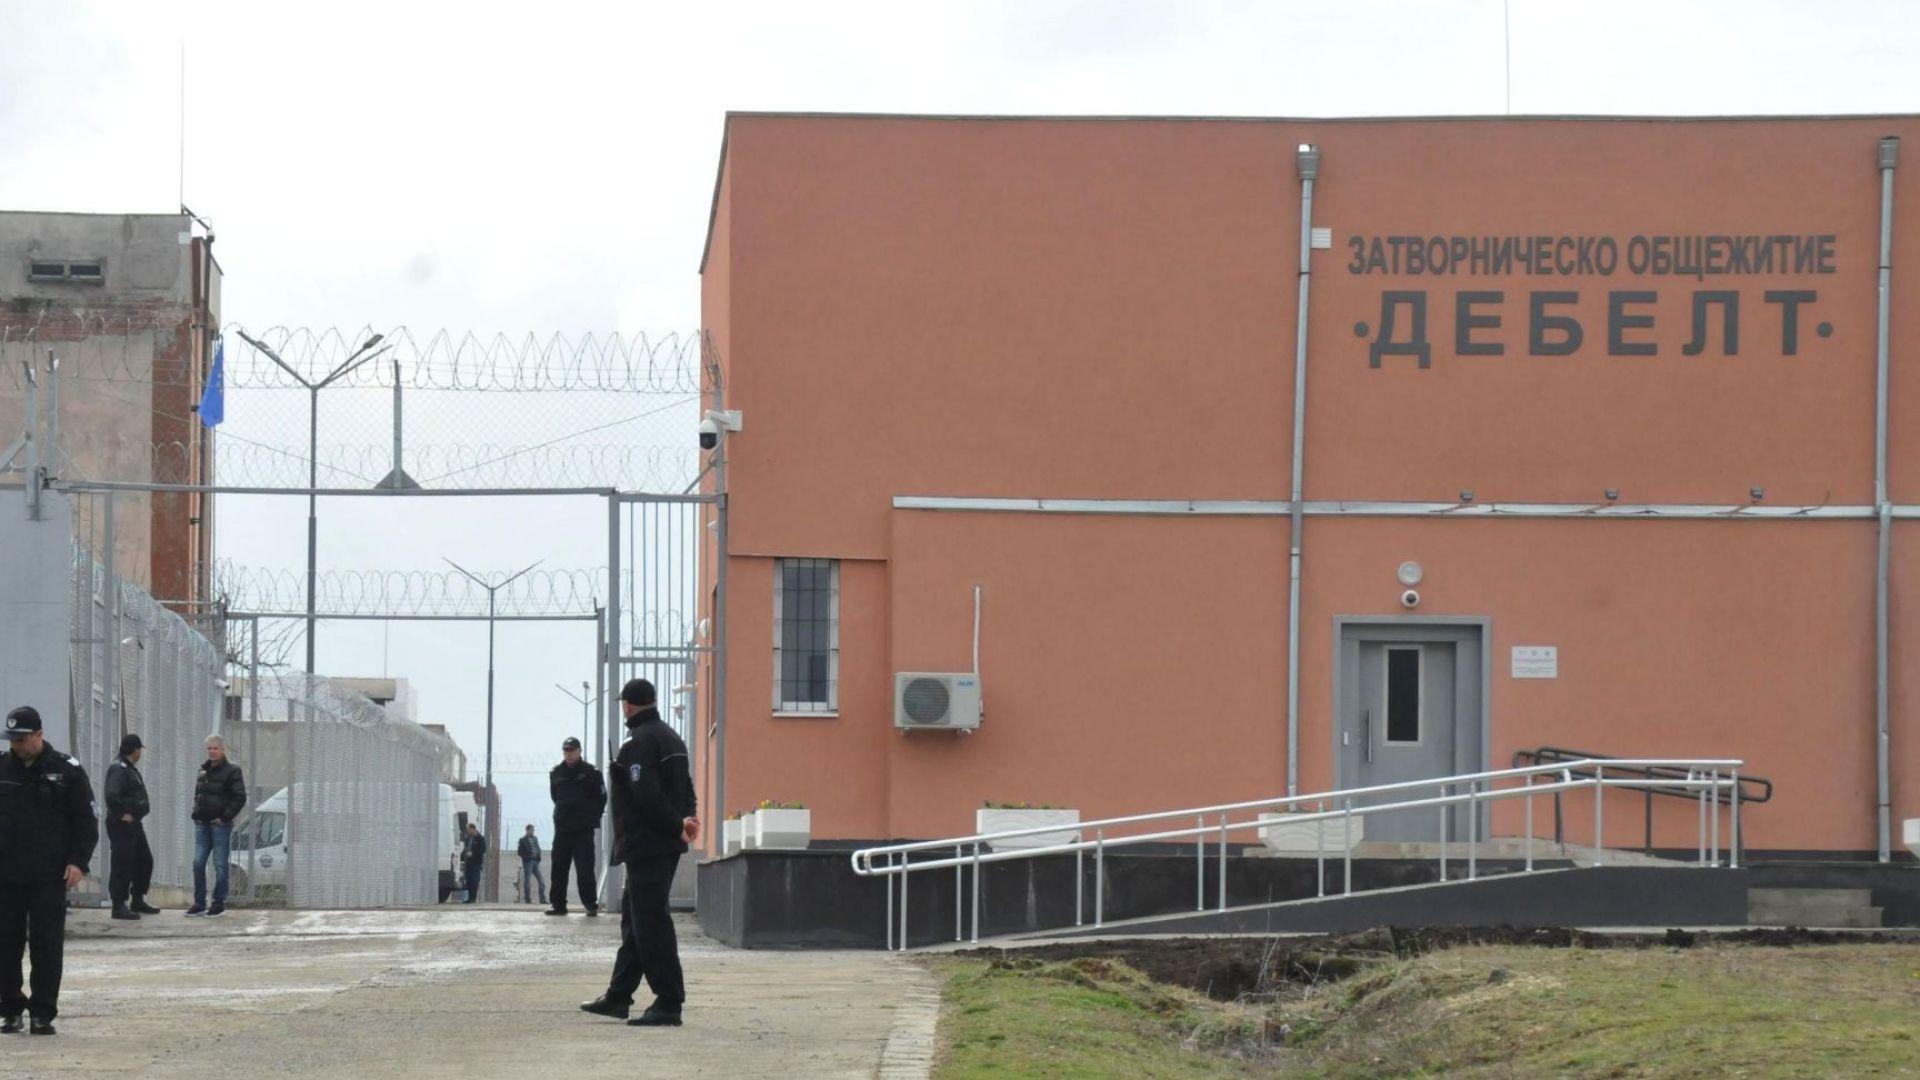 Затворници молят за книги, дават им ги като дарение